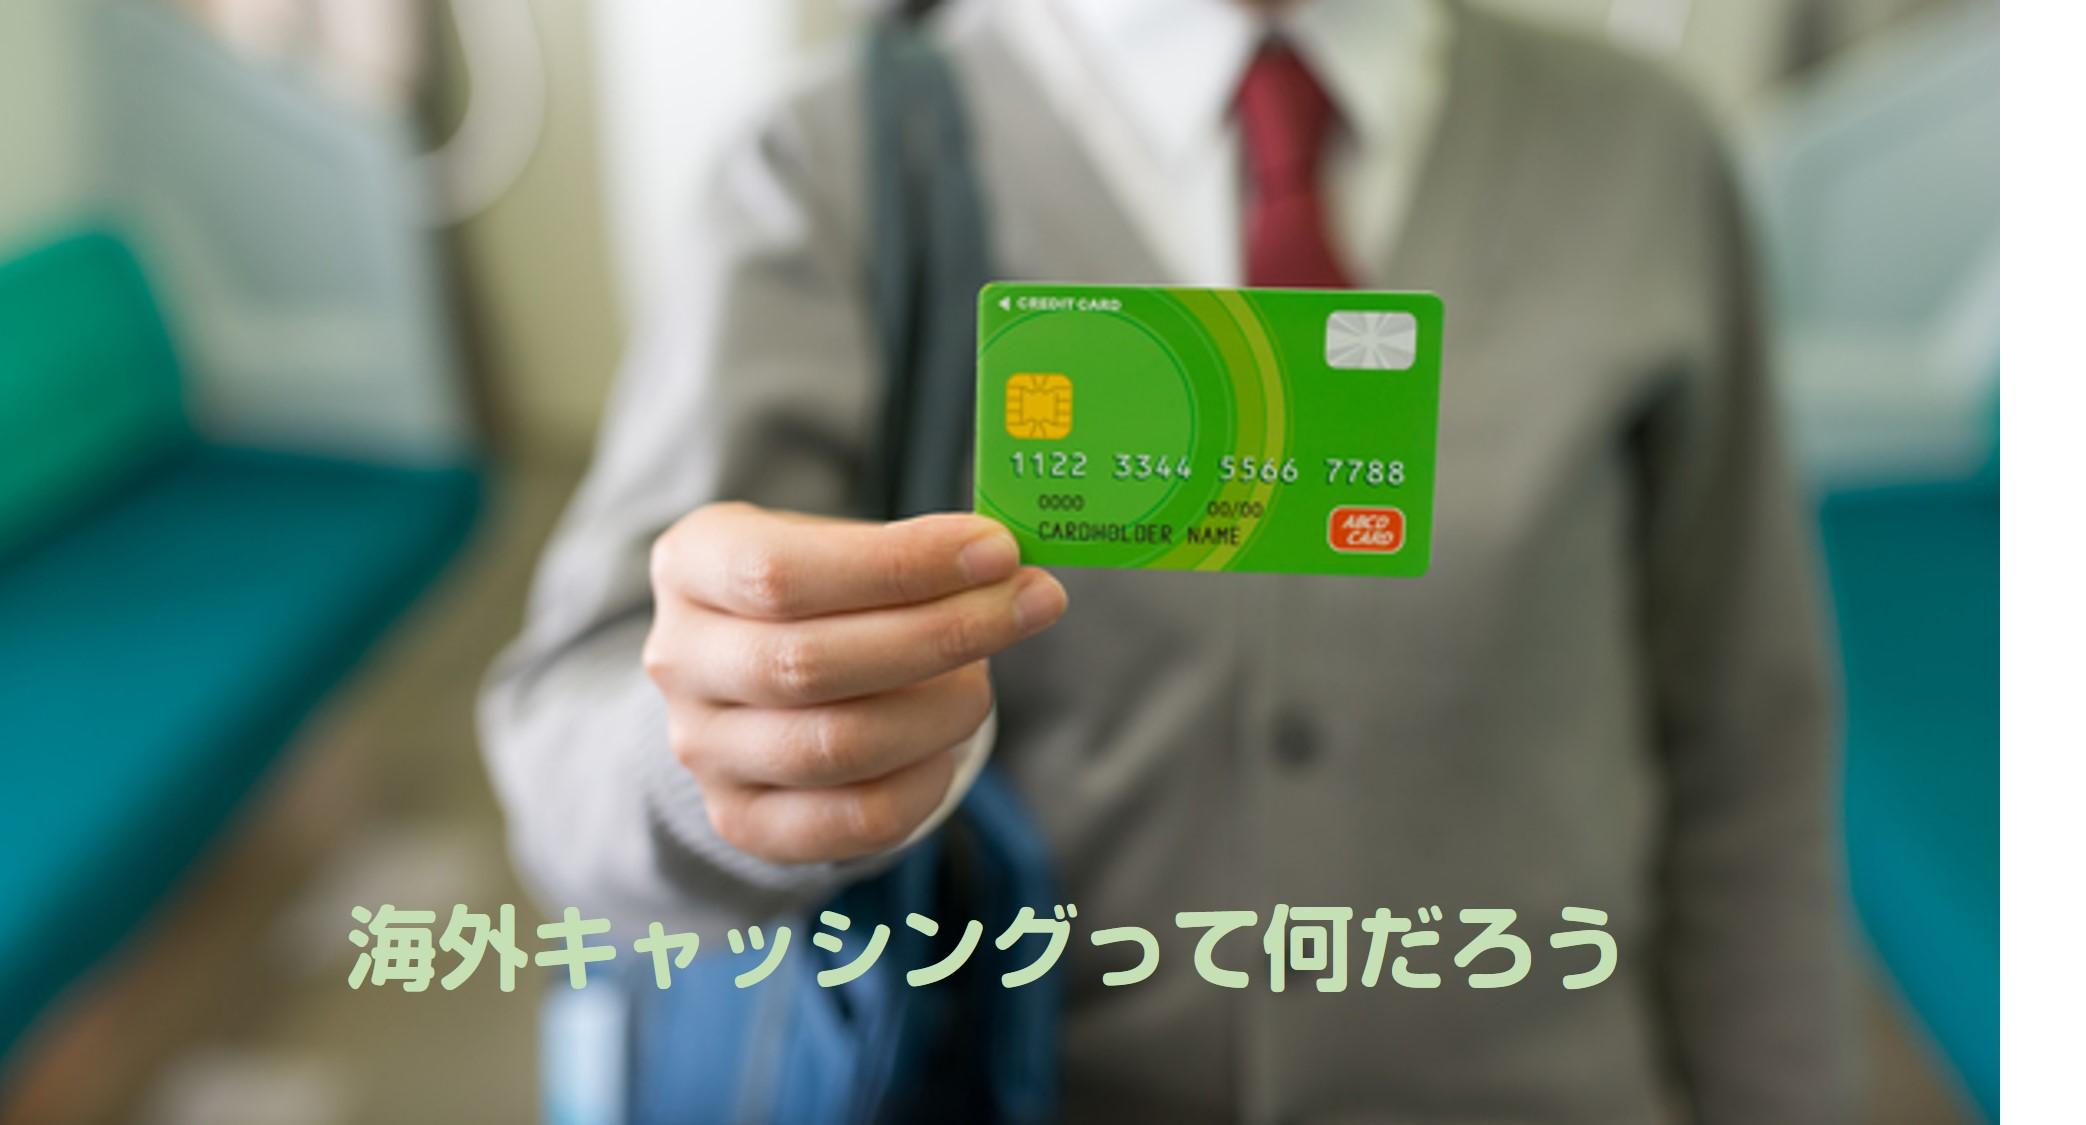 キャッシュカードと男